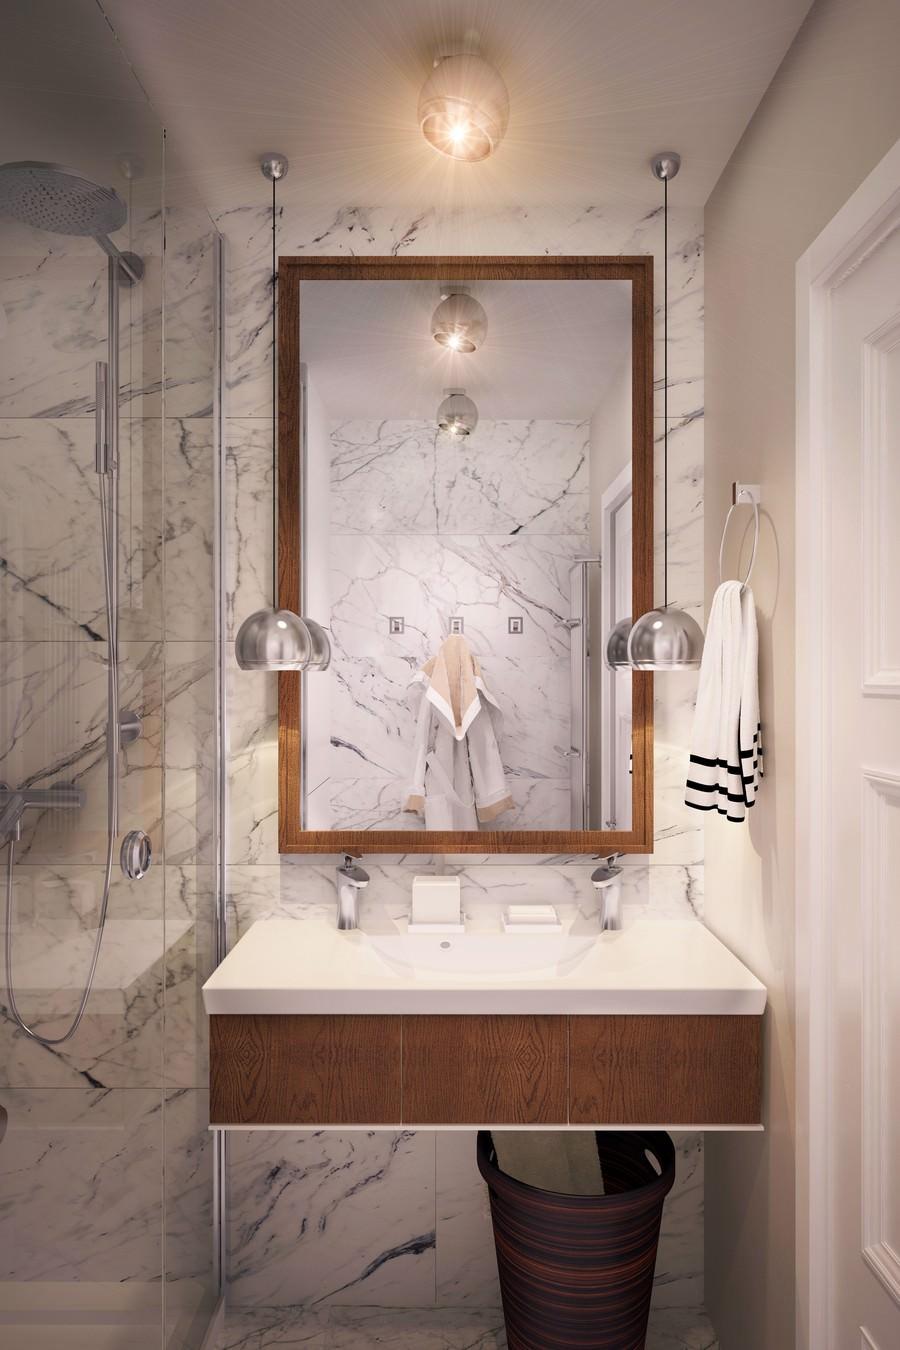 stilen-interior-na-apartament-s-otvoreni-prostranstva-8g